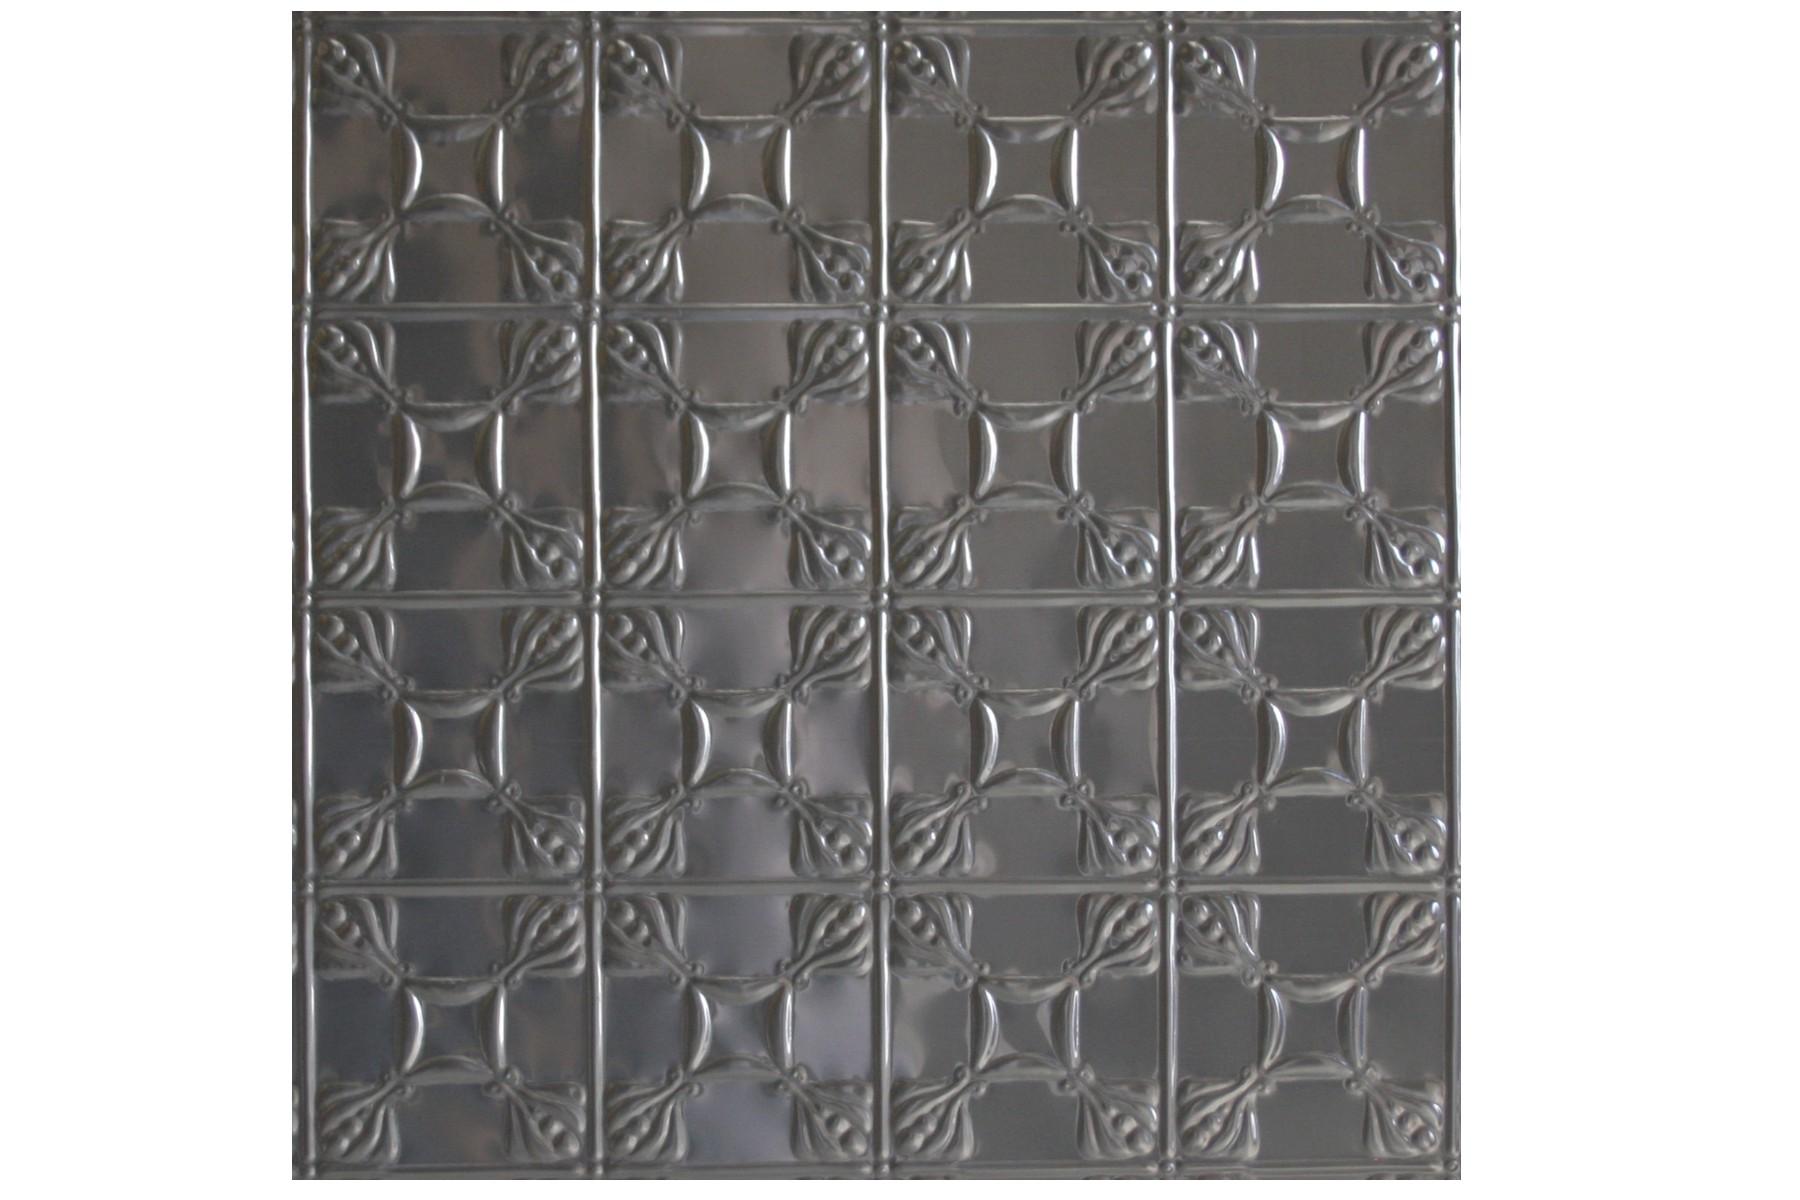 Wunderlich Pressed Metal Panels No 1093 Evans